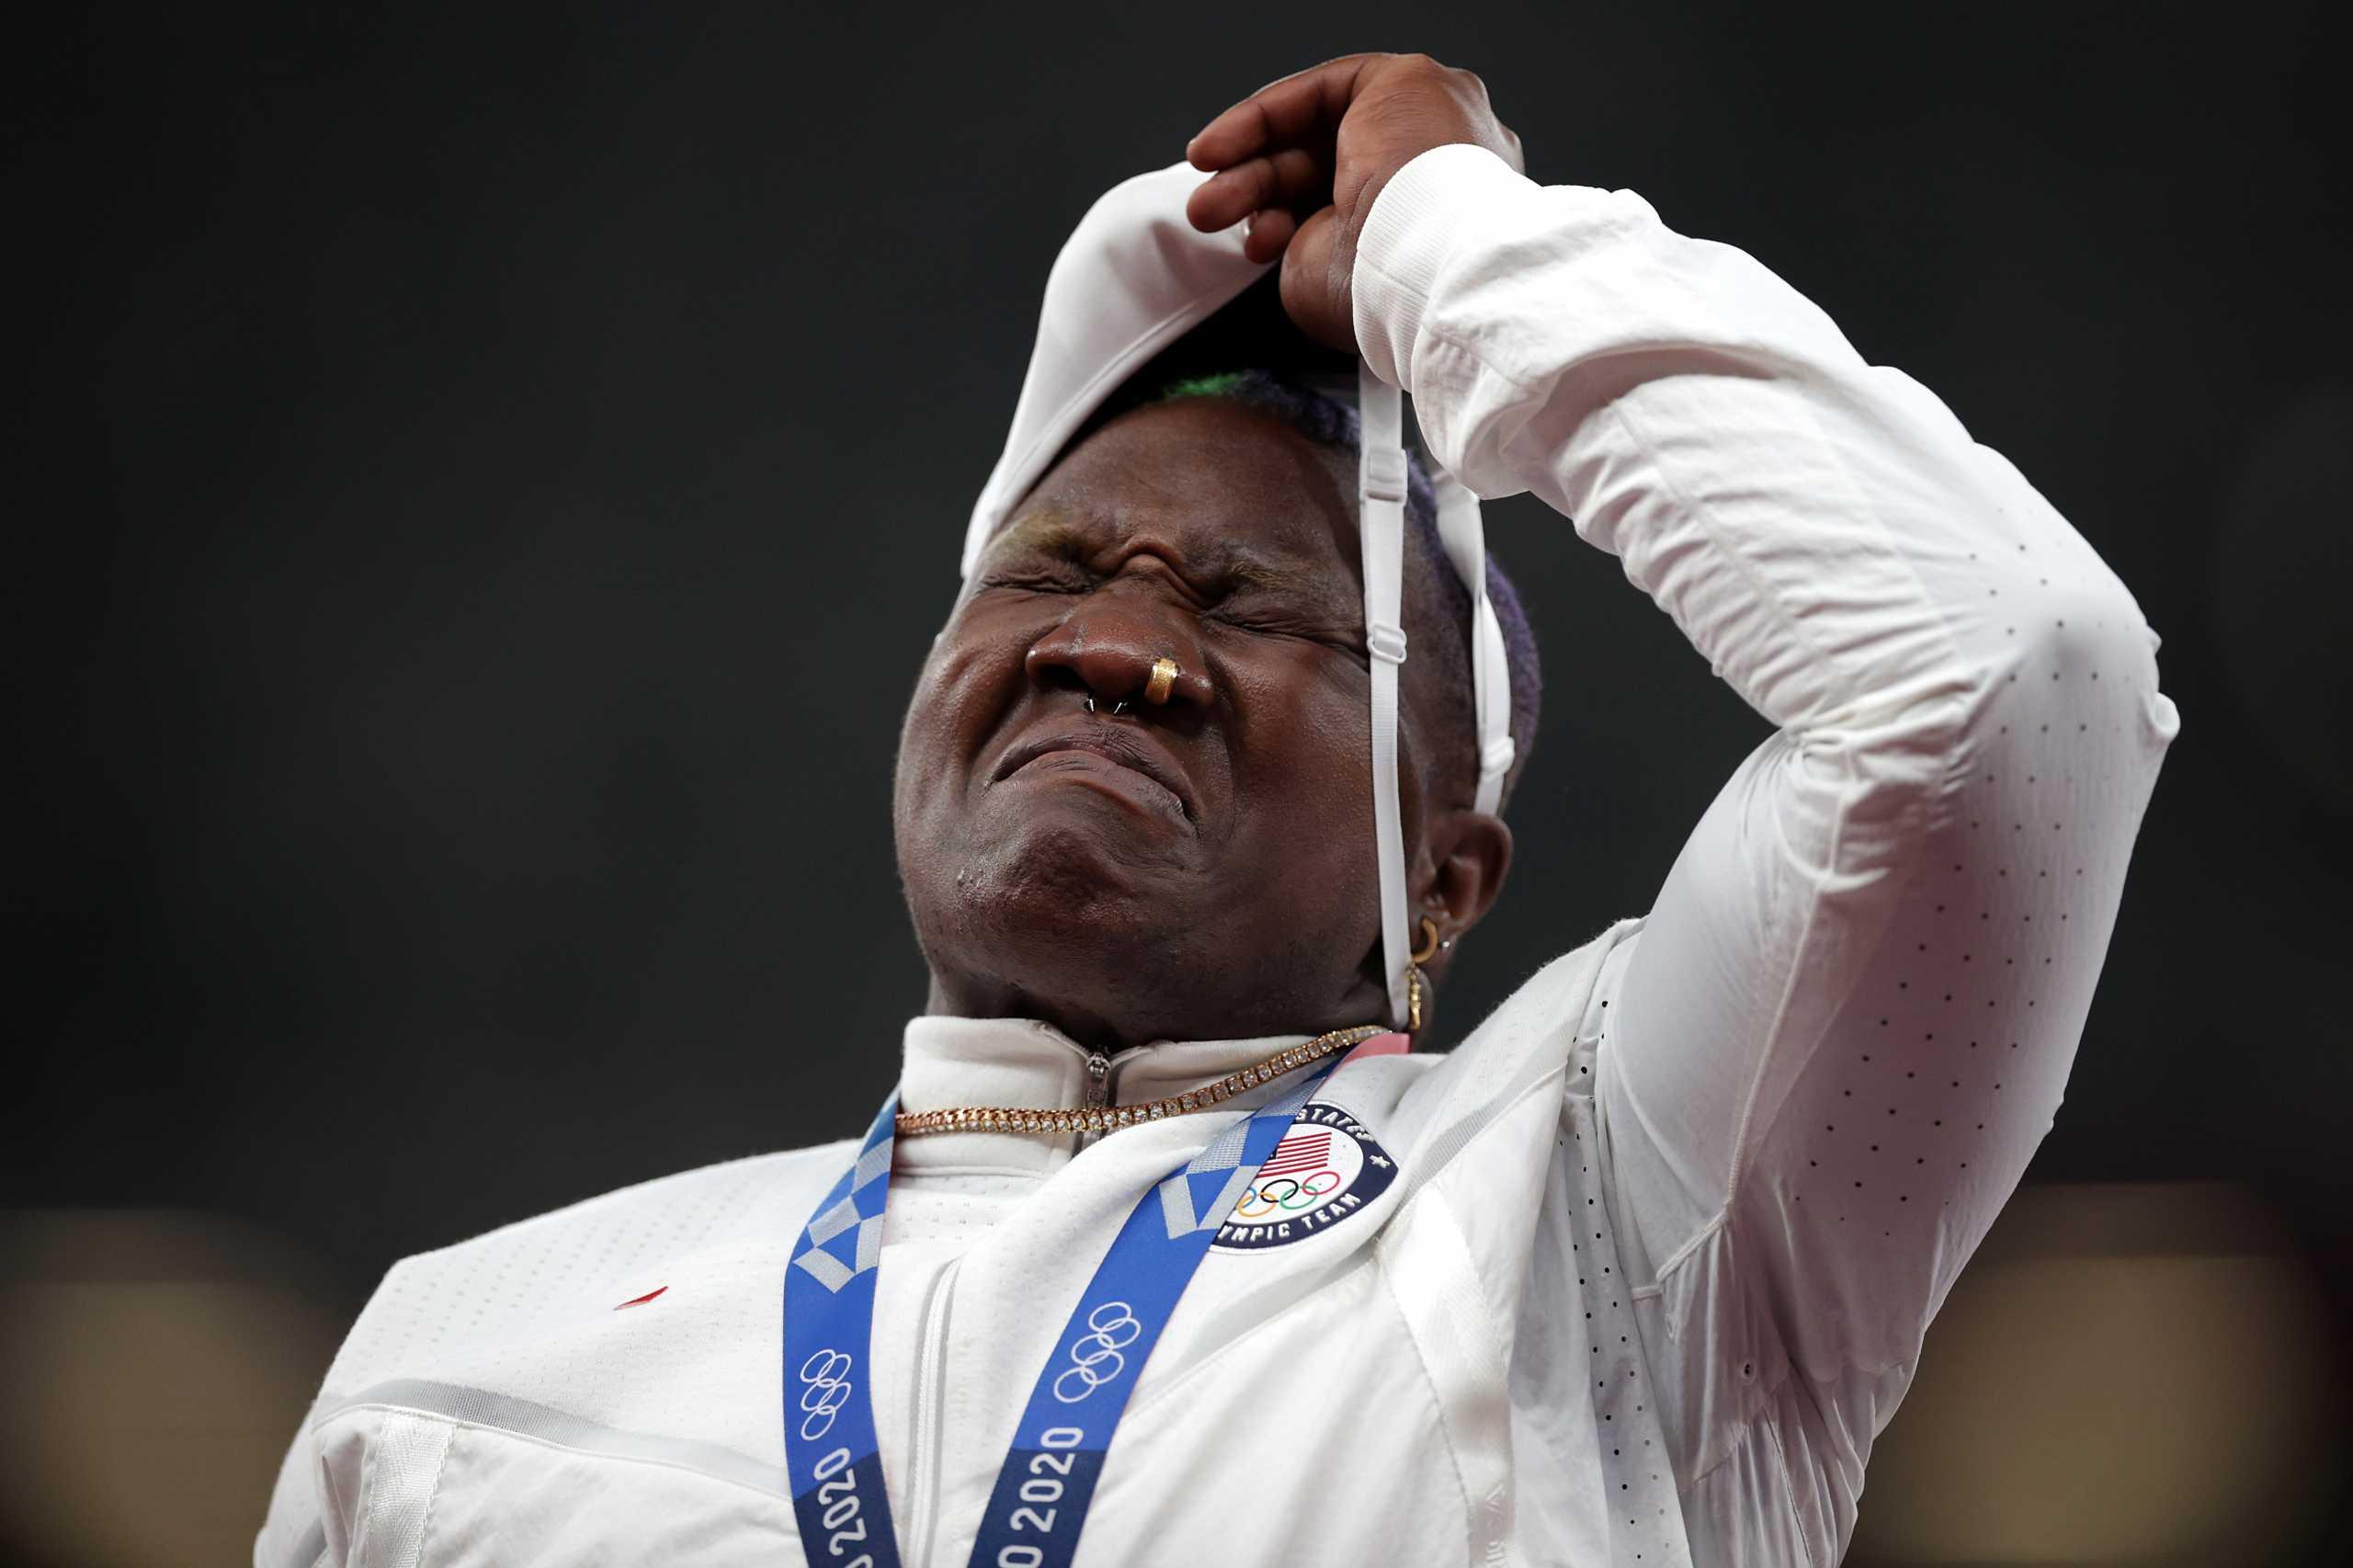 Ολυμπιακοί Αγώνες: Από το μετάλλιο στη θλίψη η Ρέιβεν Σάντερς με το θάνατο της μητέρας της